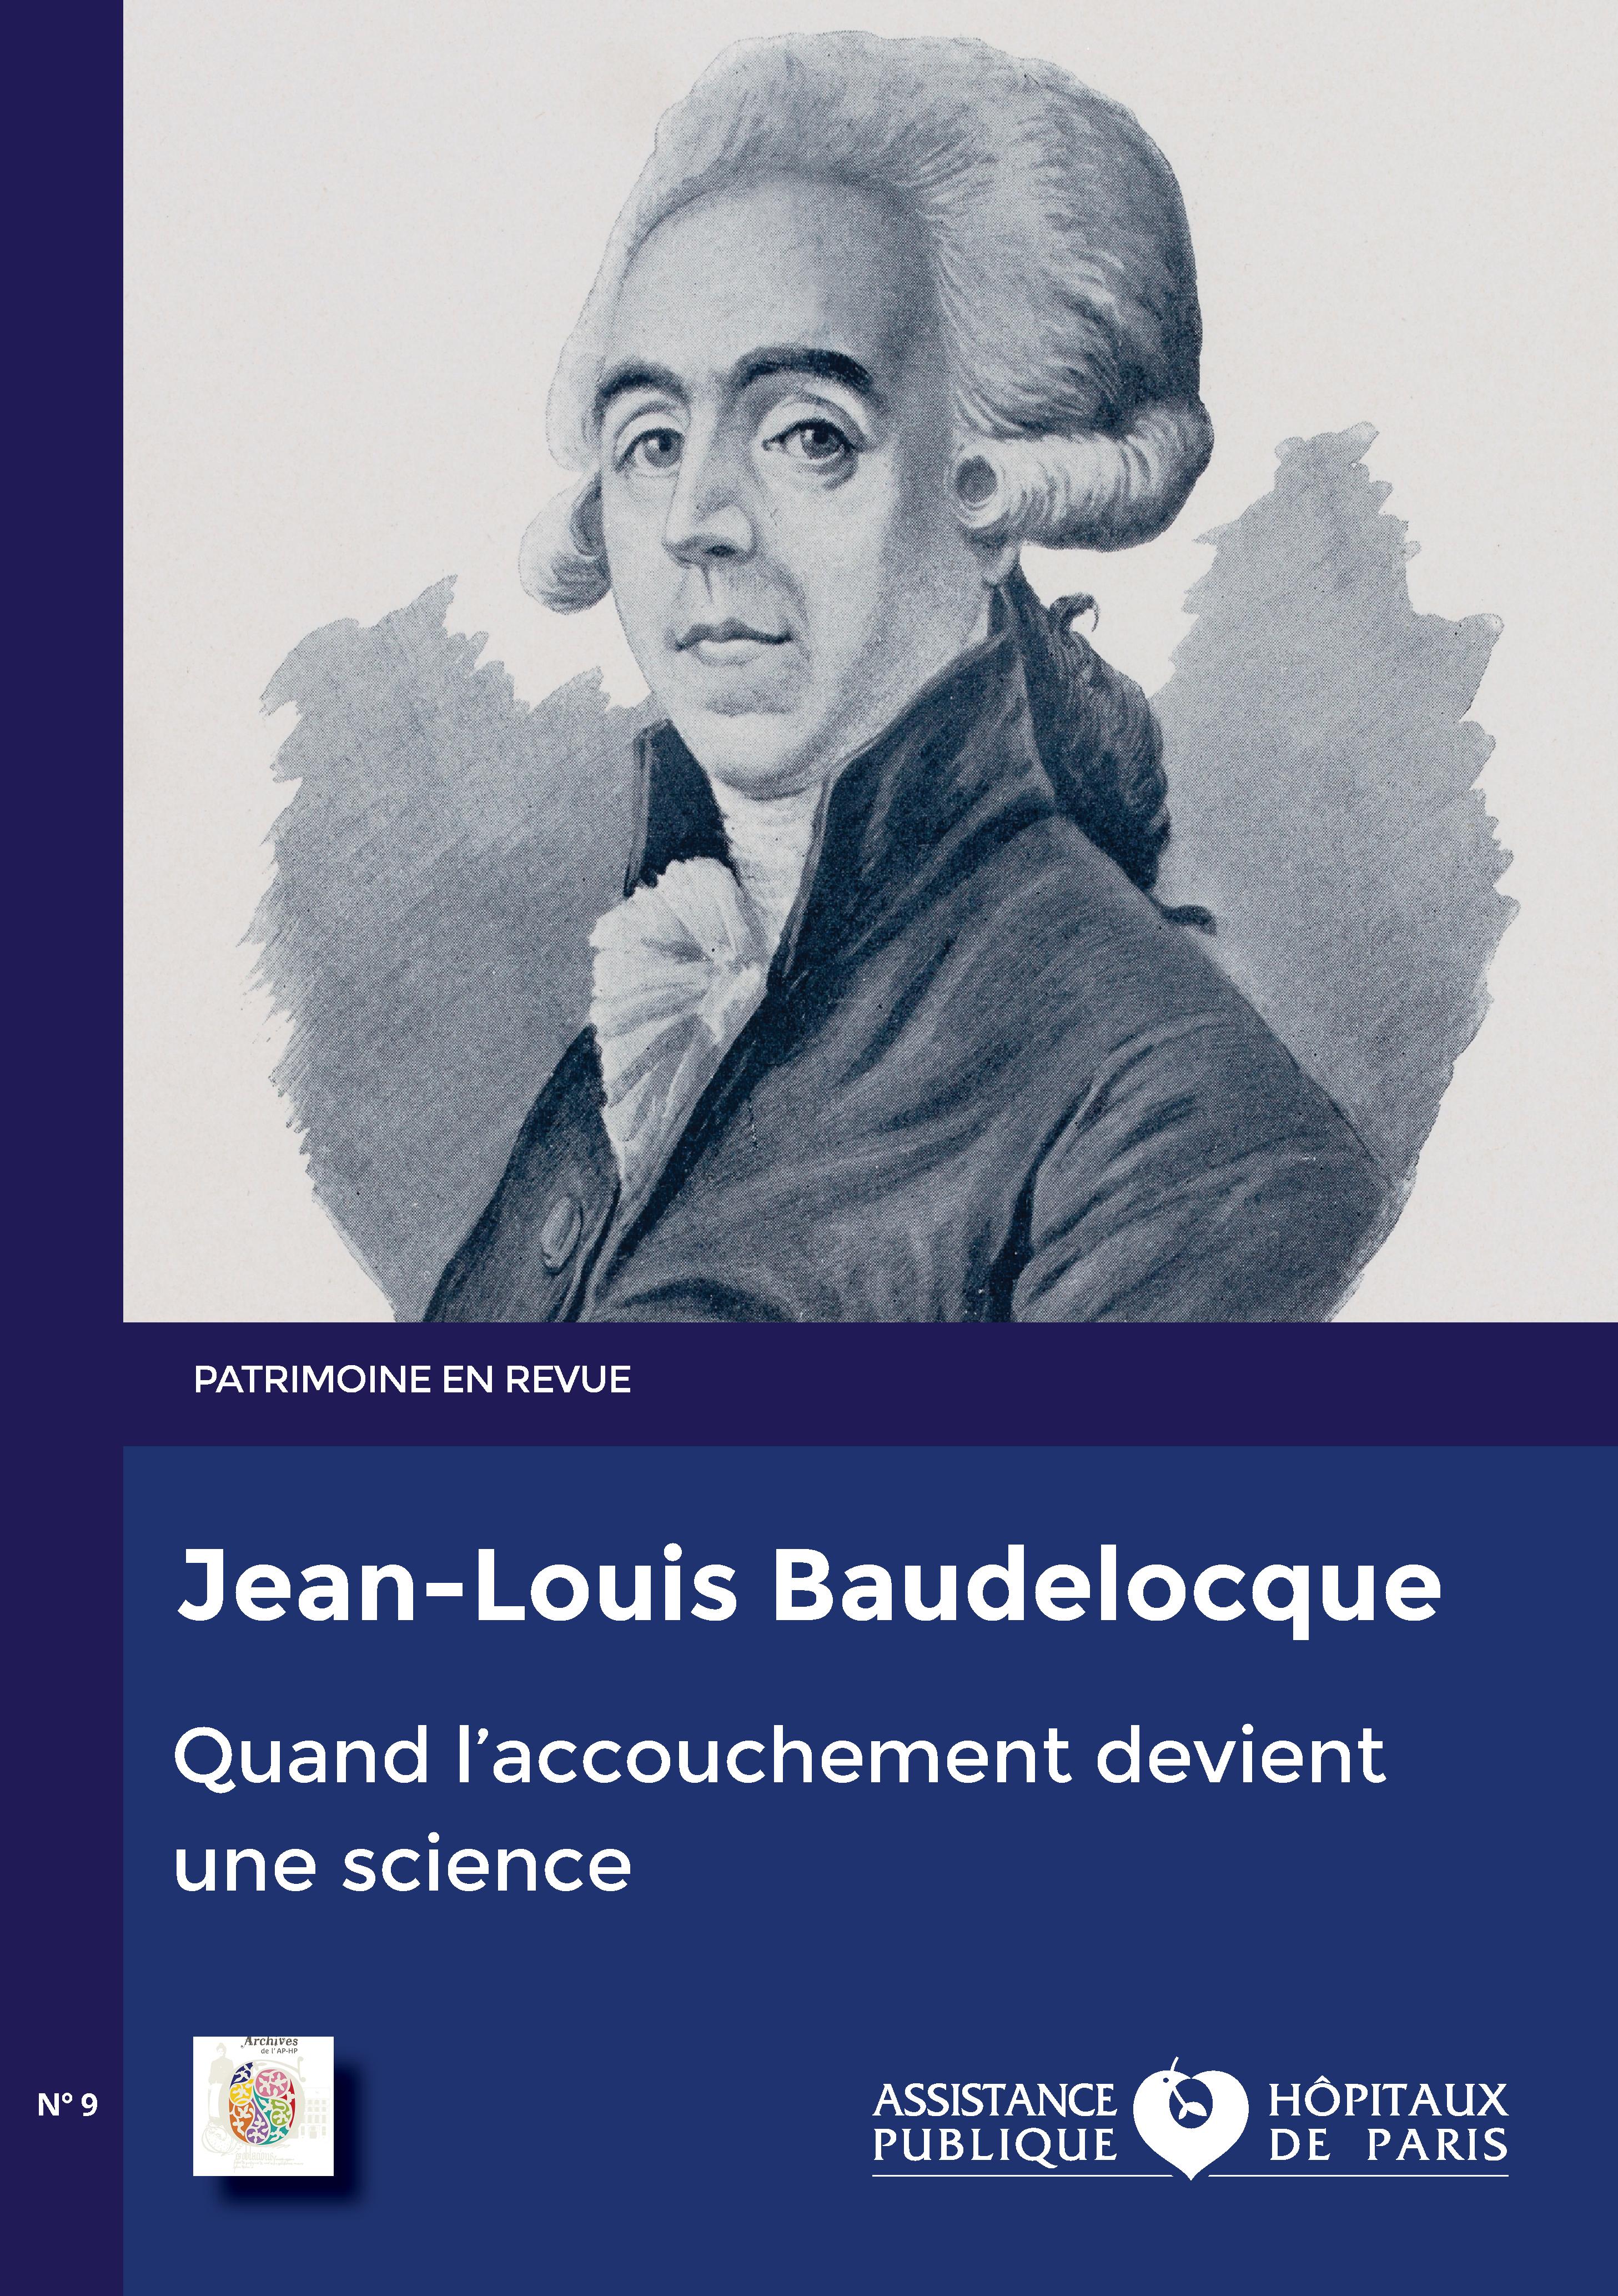 aphp_PAT-en-revue_Baudelocque